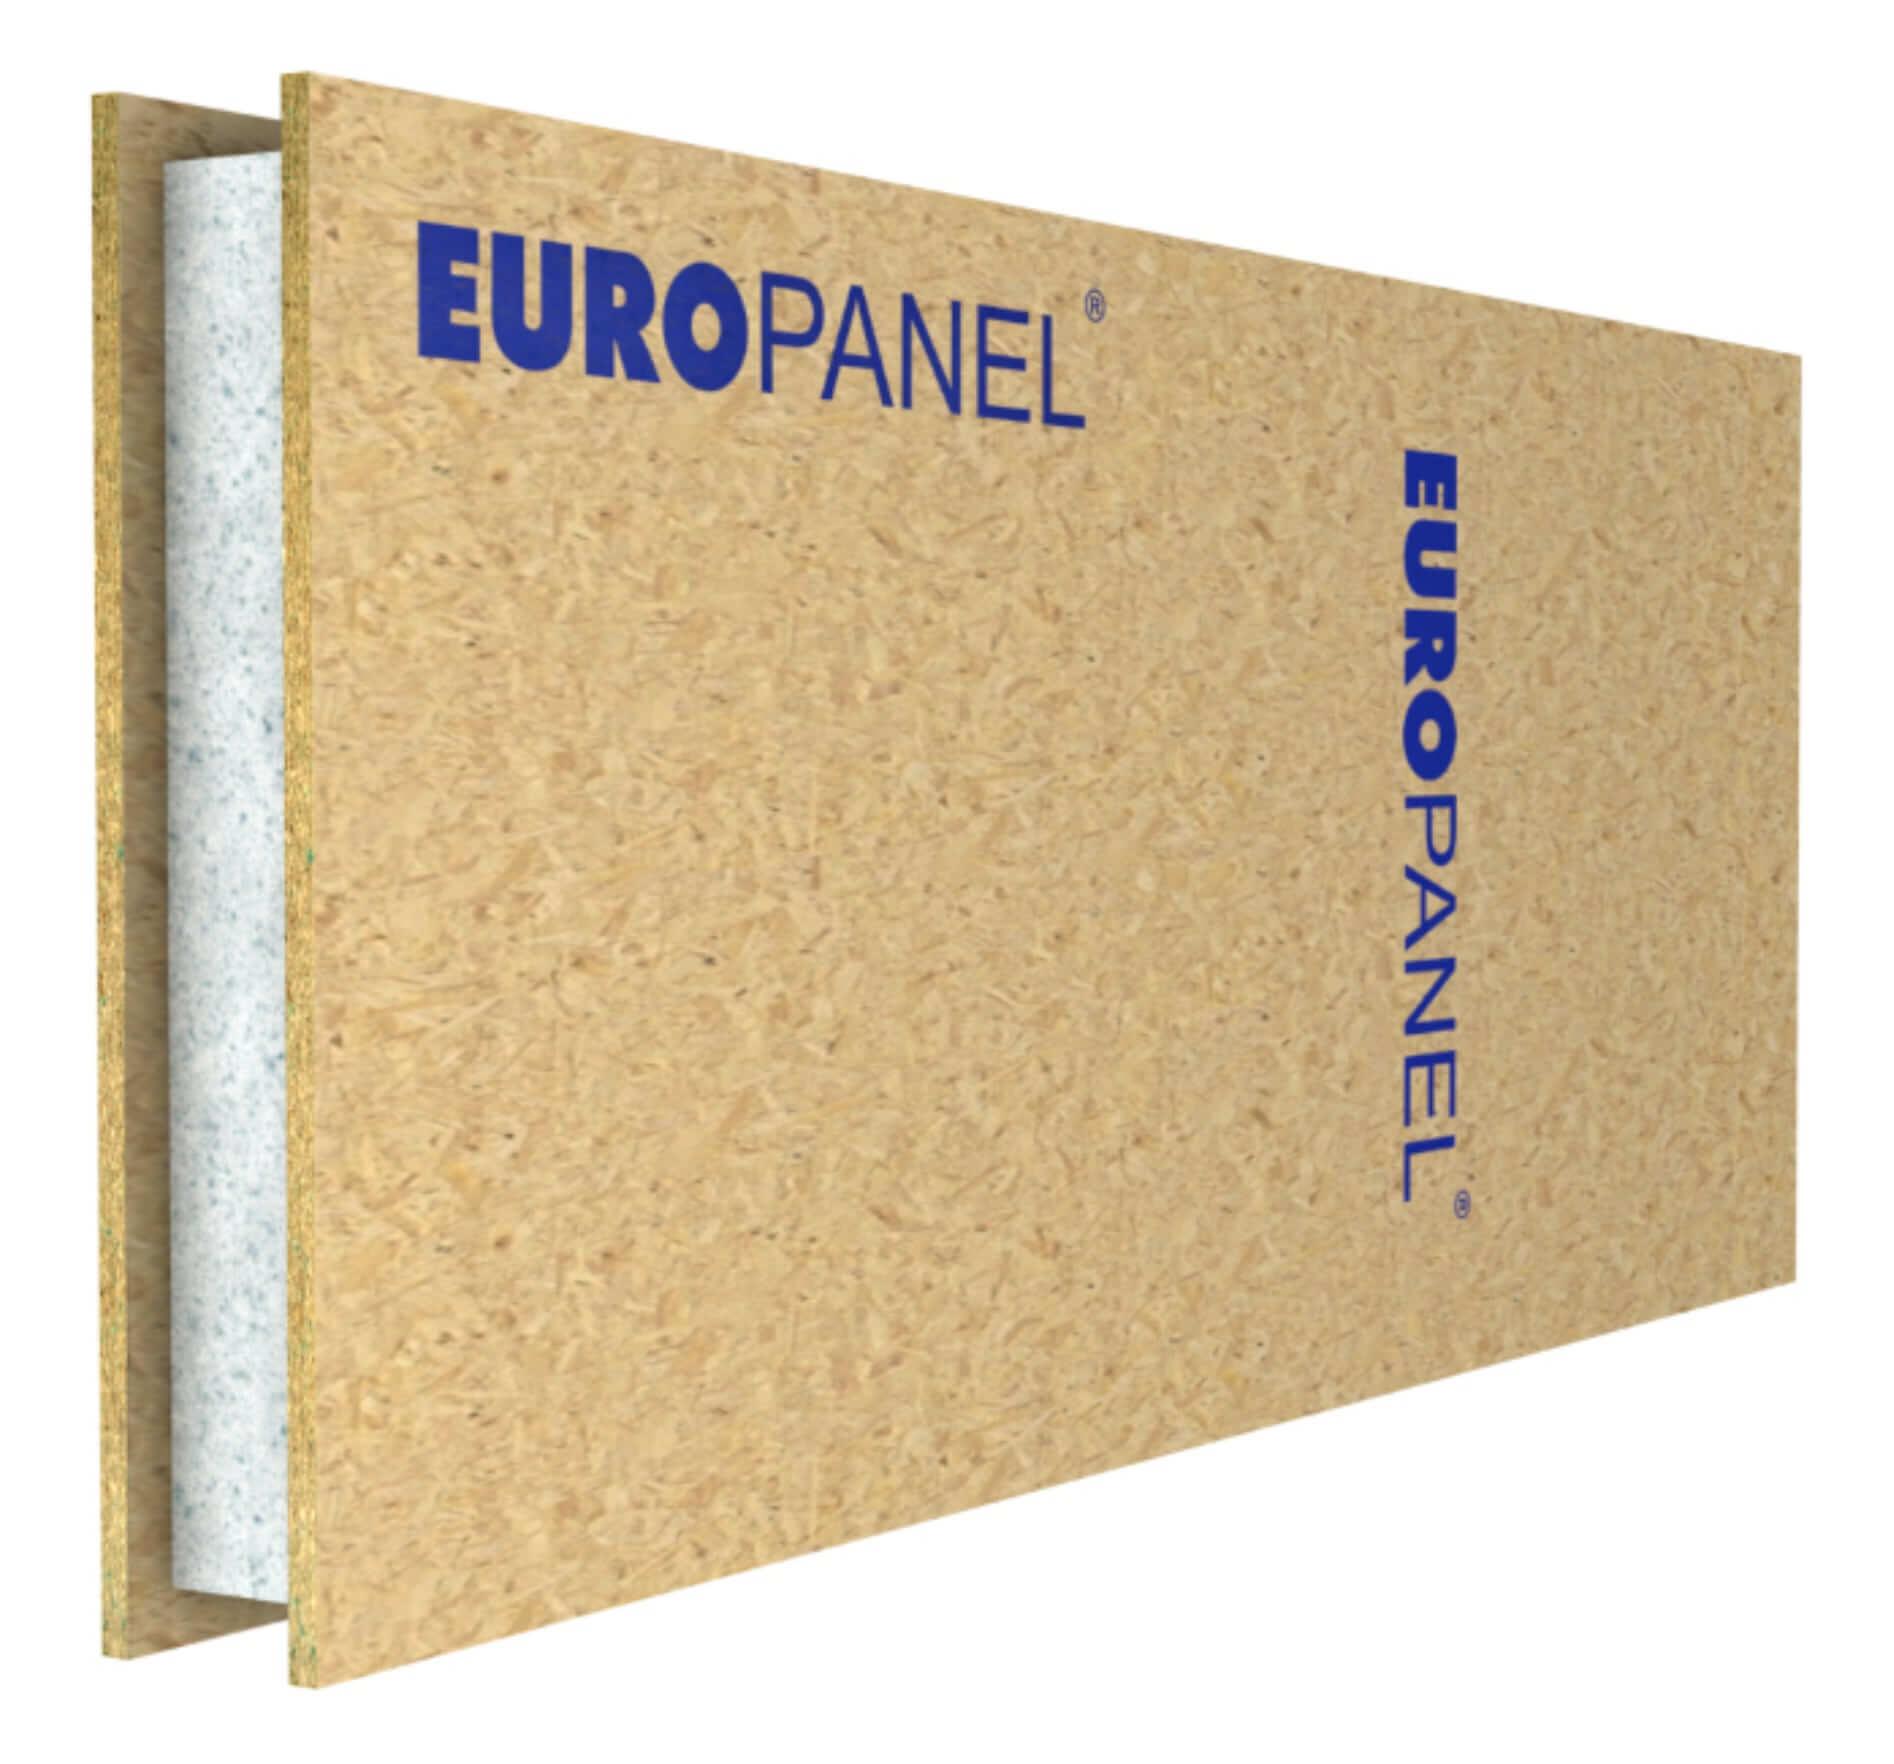 Obvodový nosný panel - model | Homing.cz